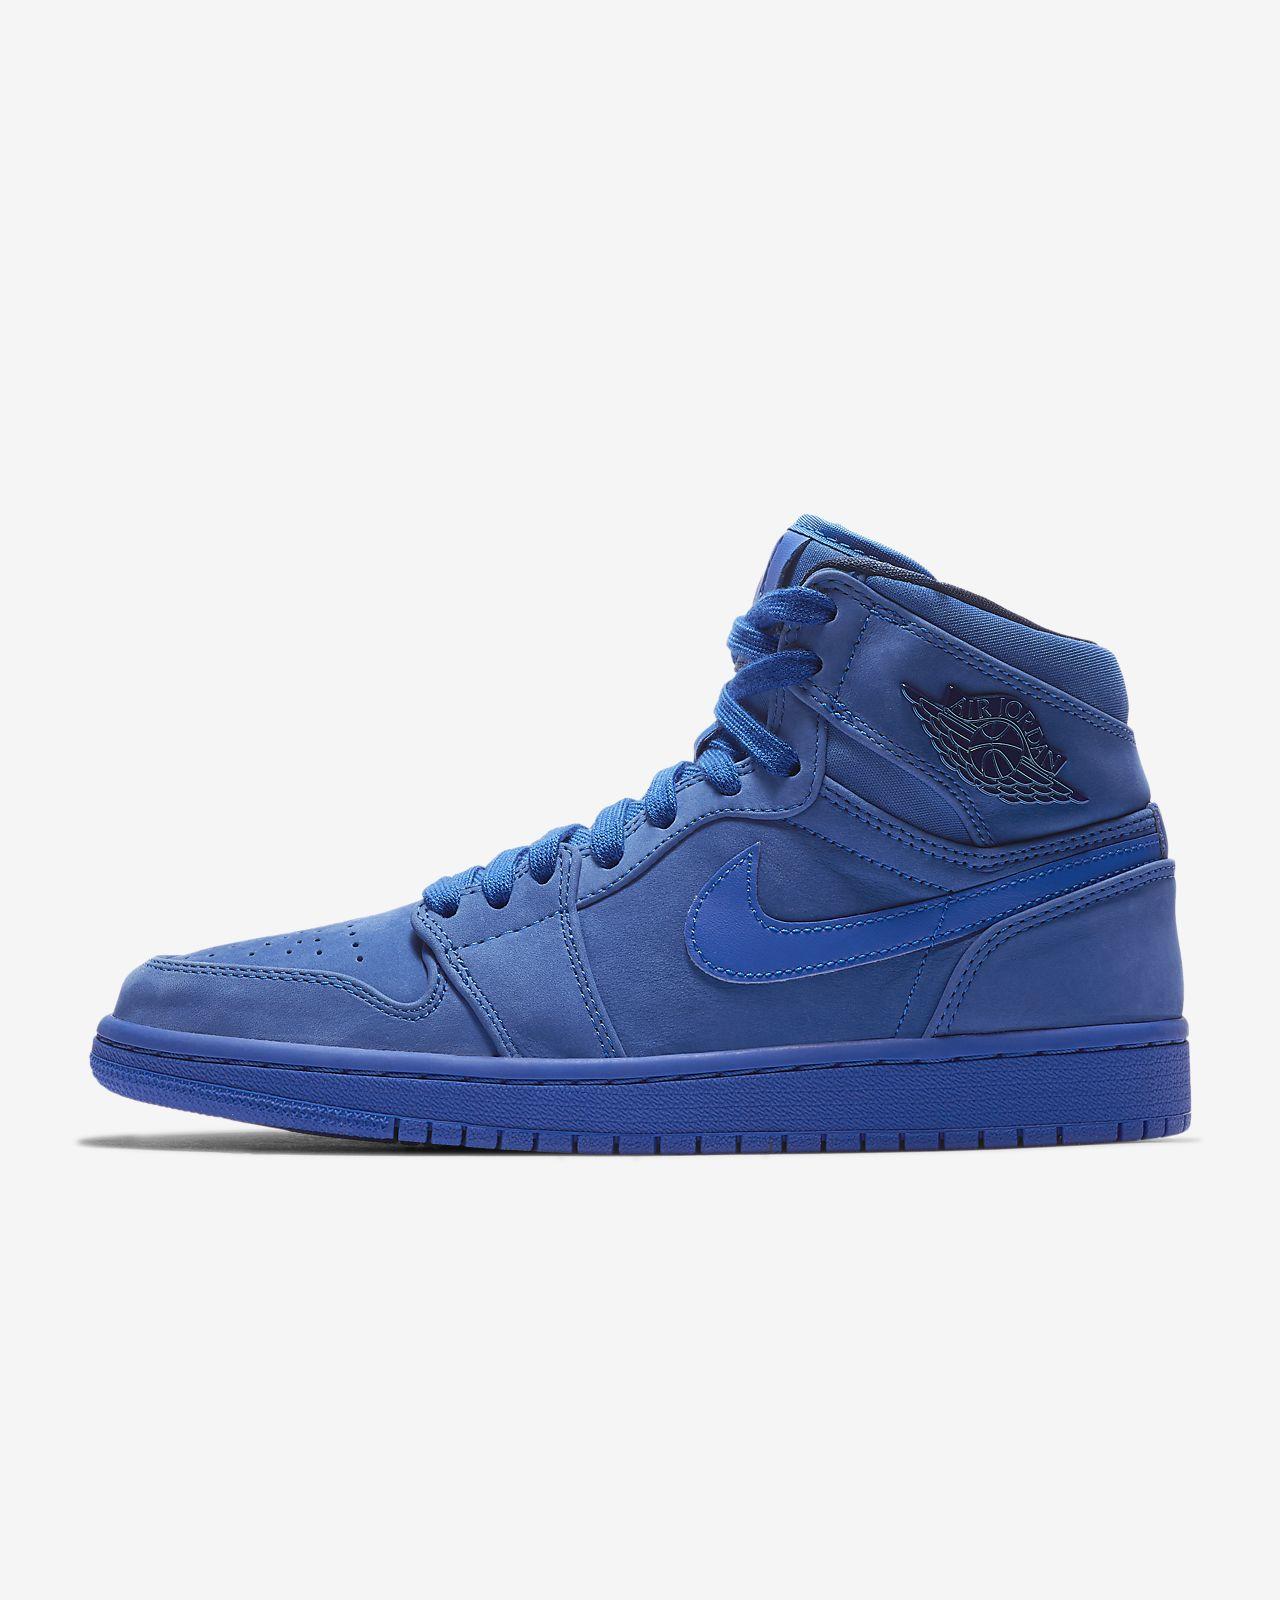 969afae32a6 ... good air jordan 1 retro high premium womens shoe af599 36051